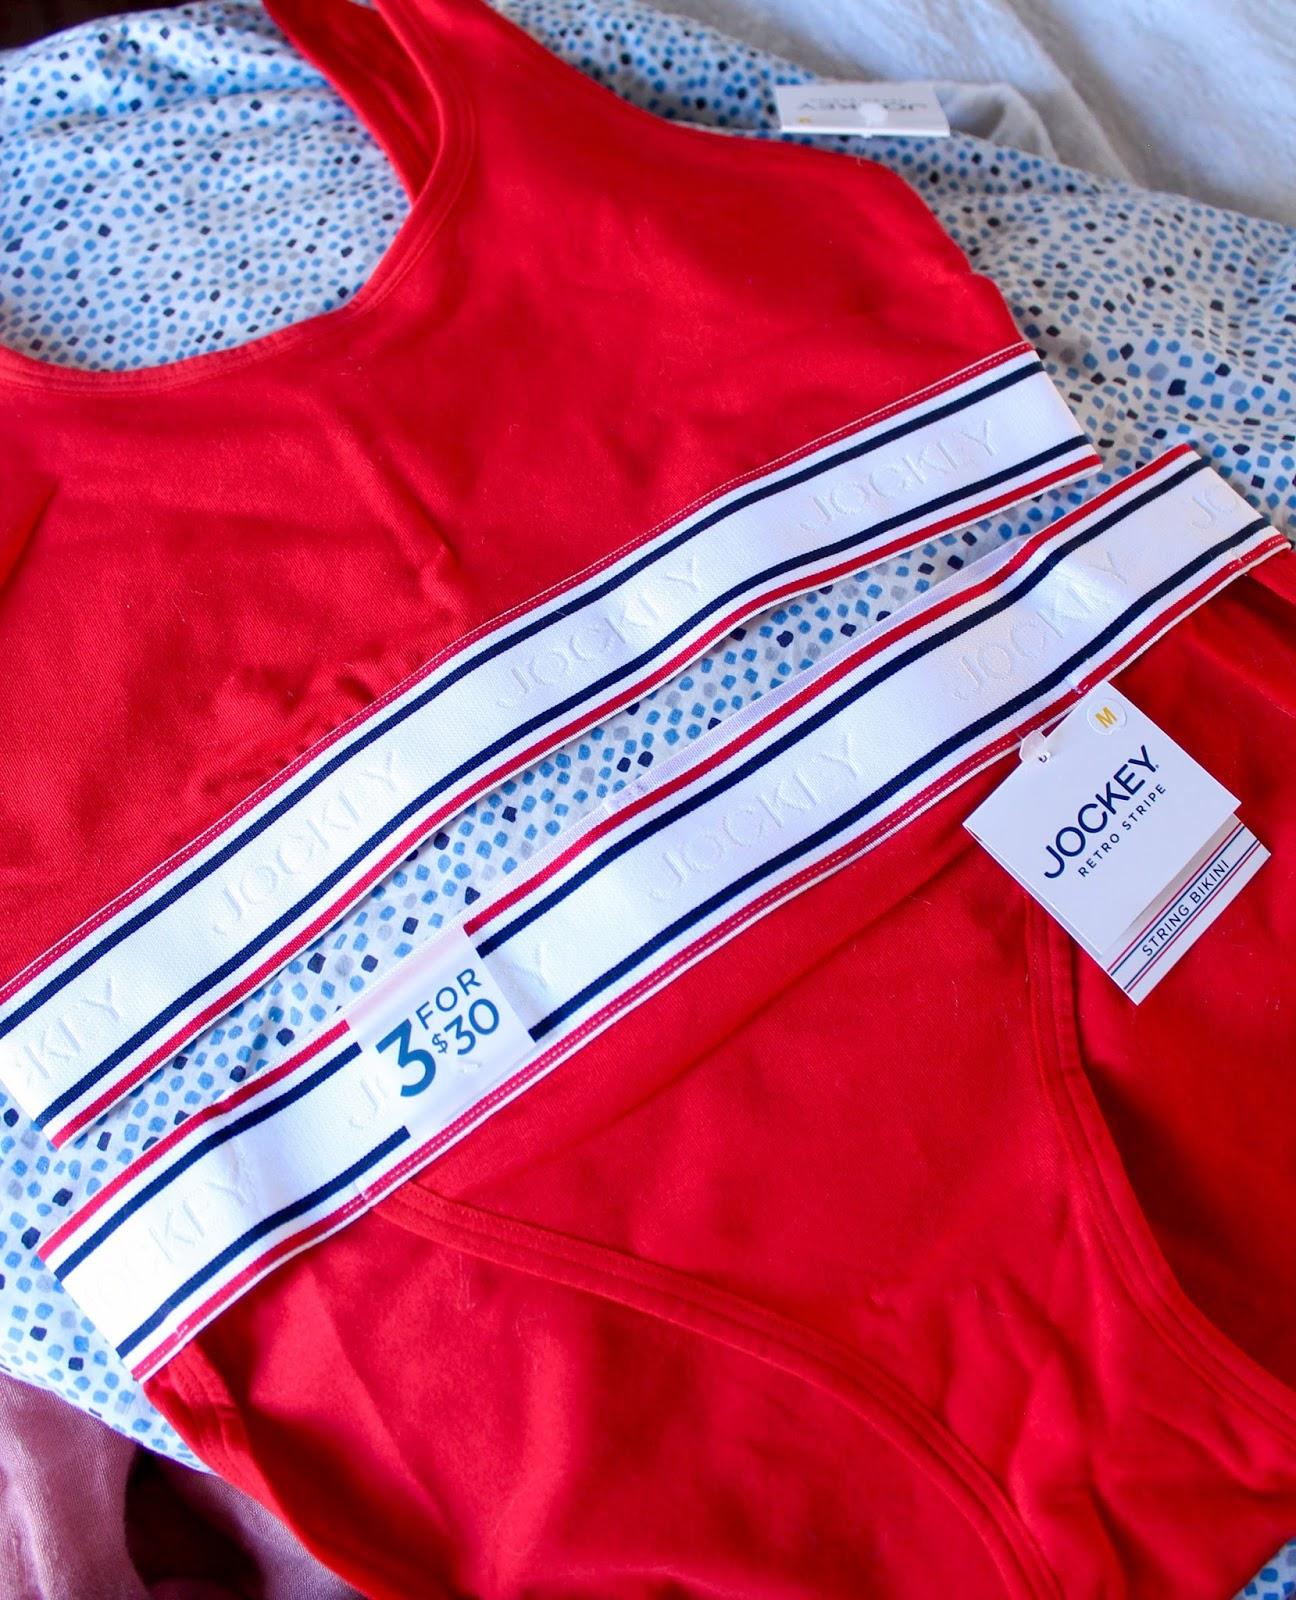 Bikini underwear Women's Underwear Women's Panty Cotton Bralette